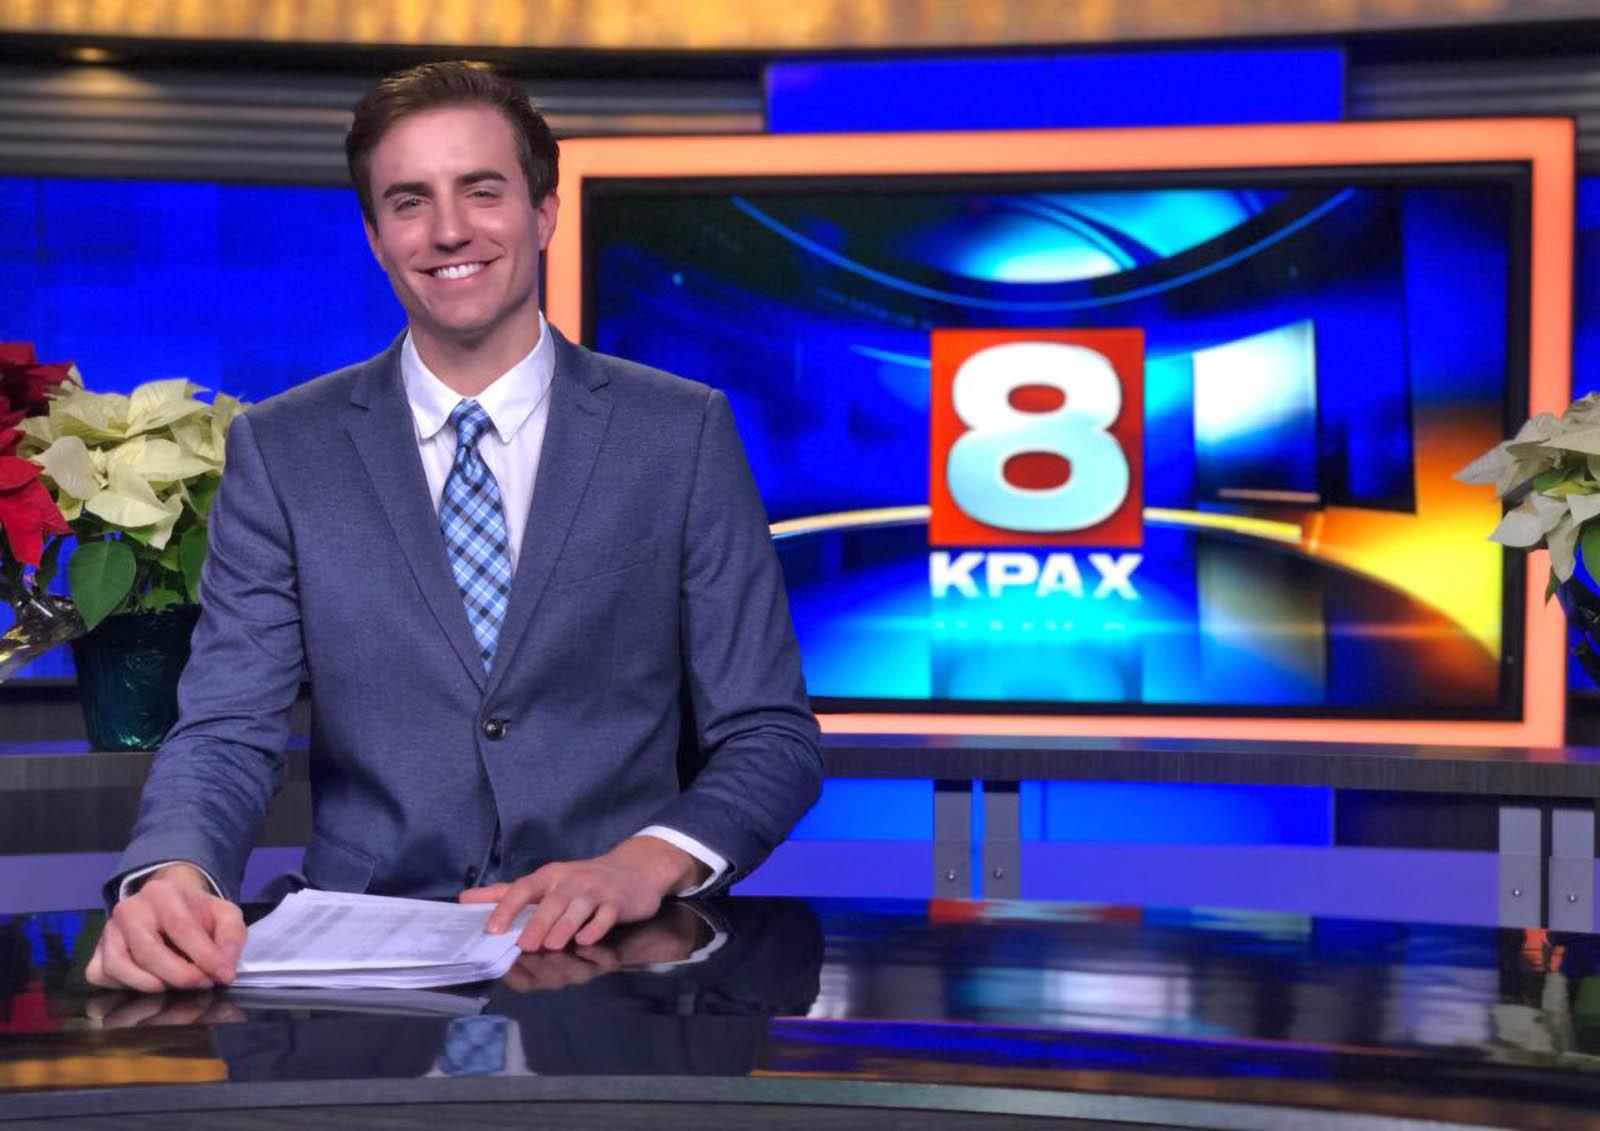 Kent Luetzen Anchoring for KPAX News